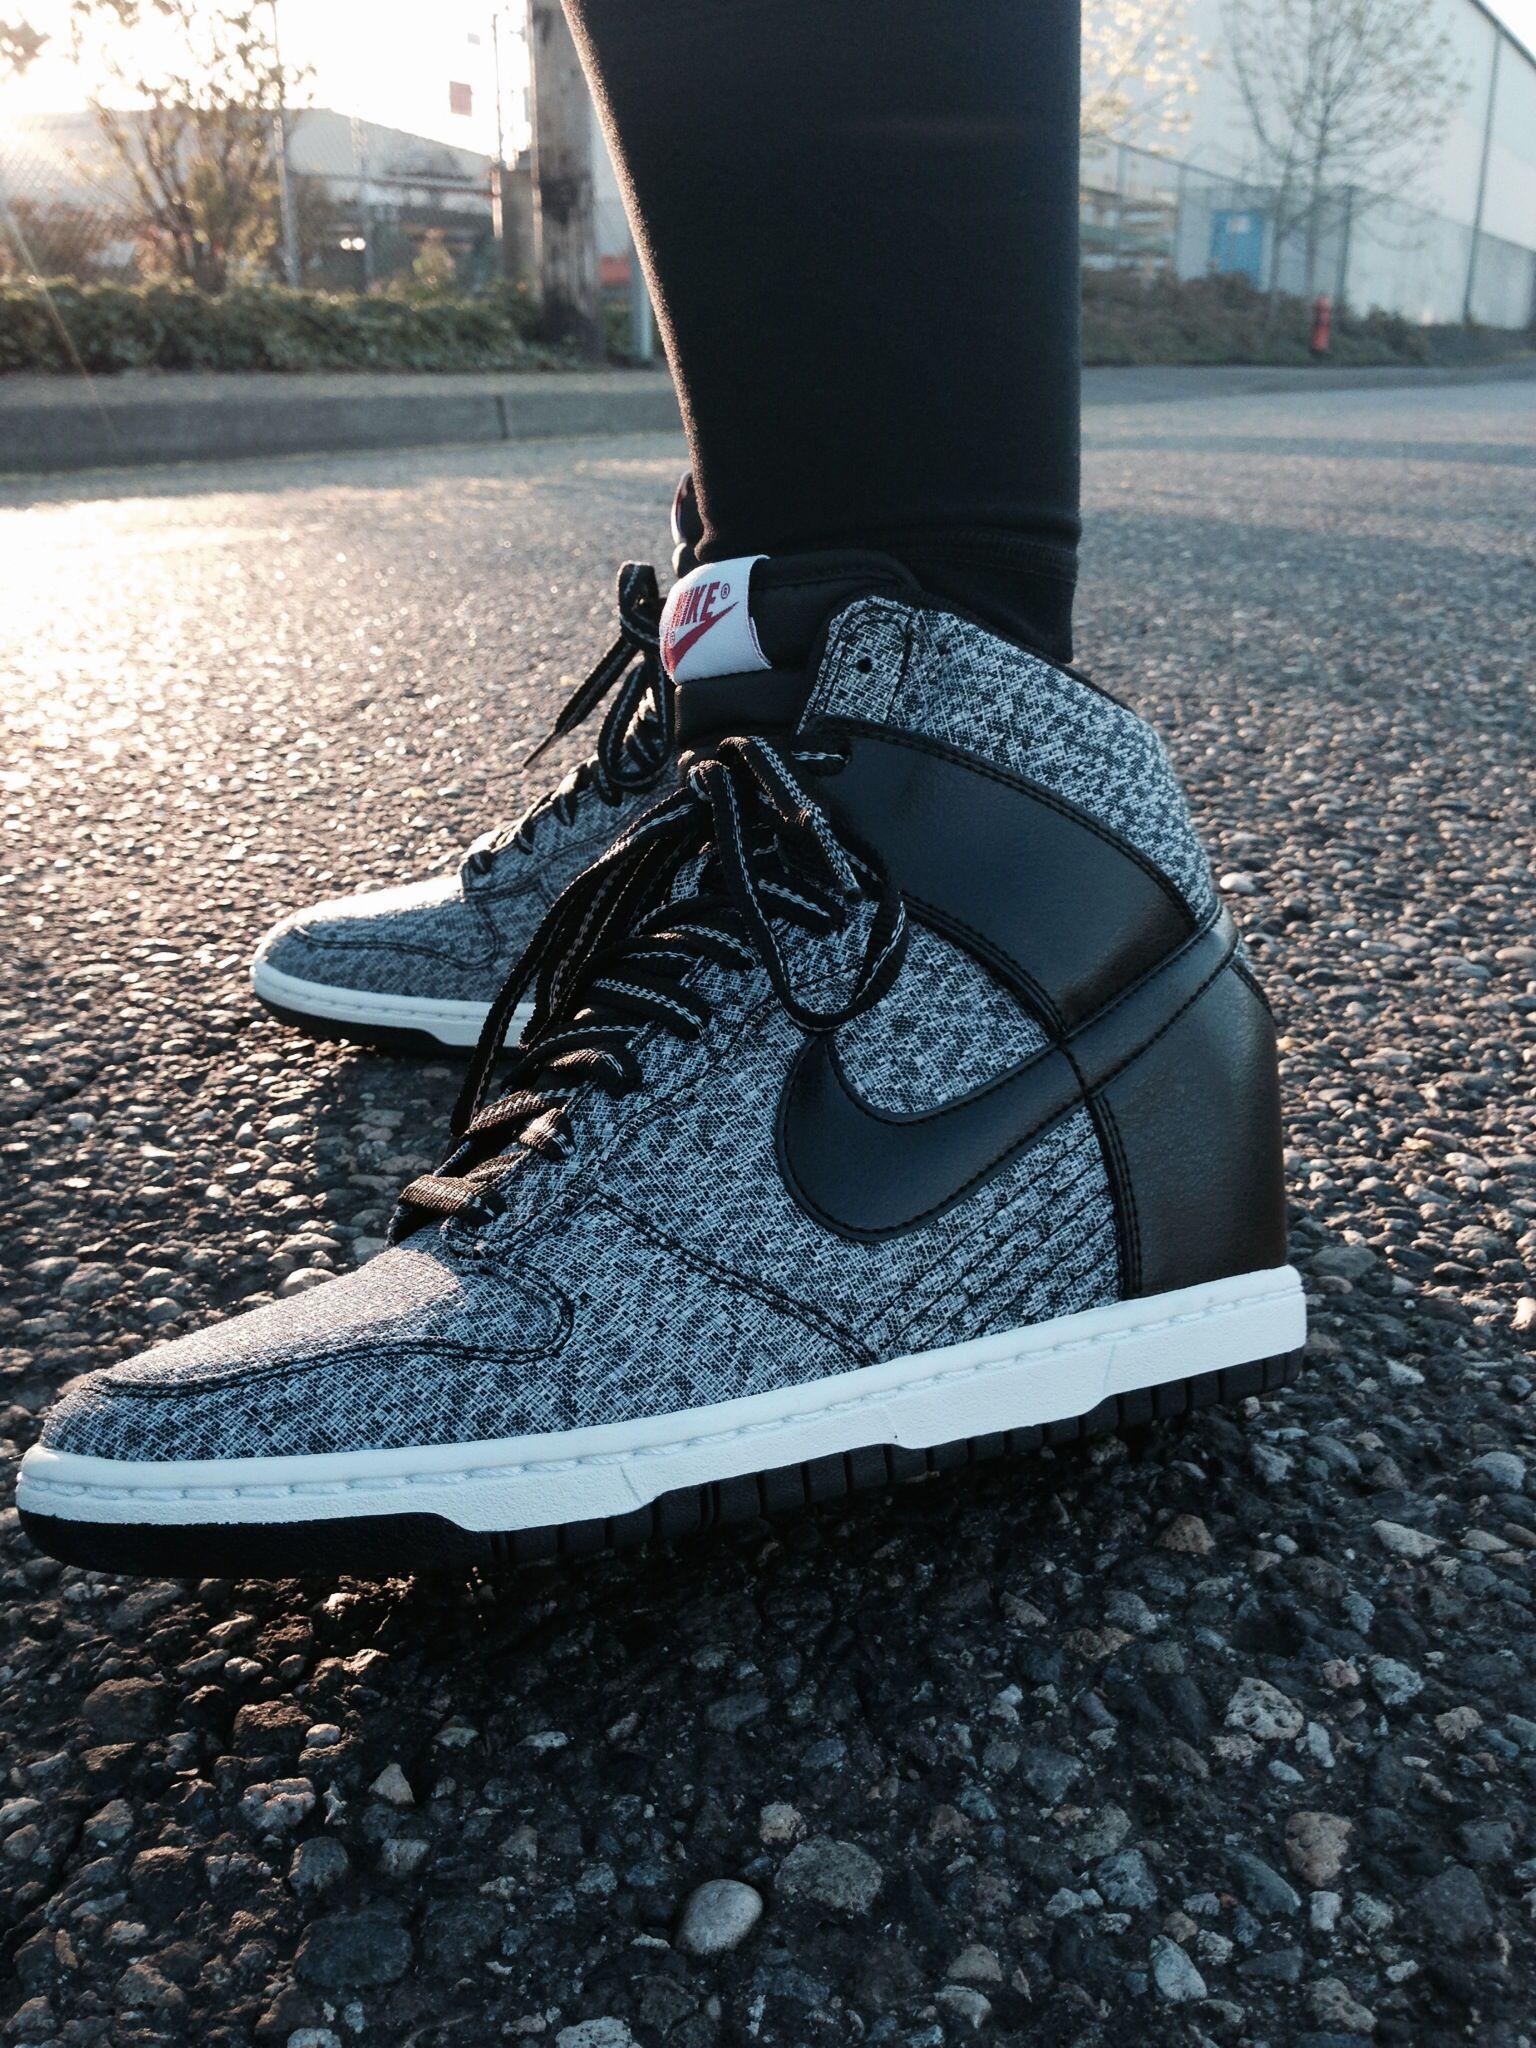 Sweet new Nike platforms! 😍 | Sneakers